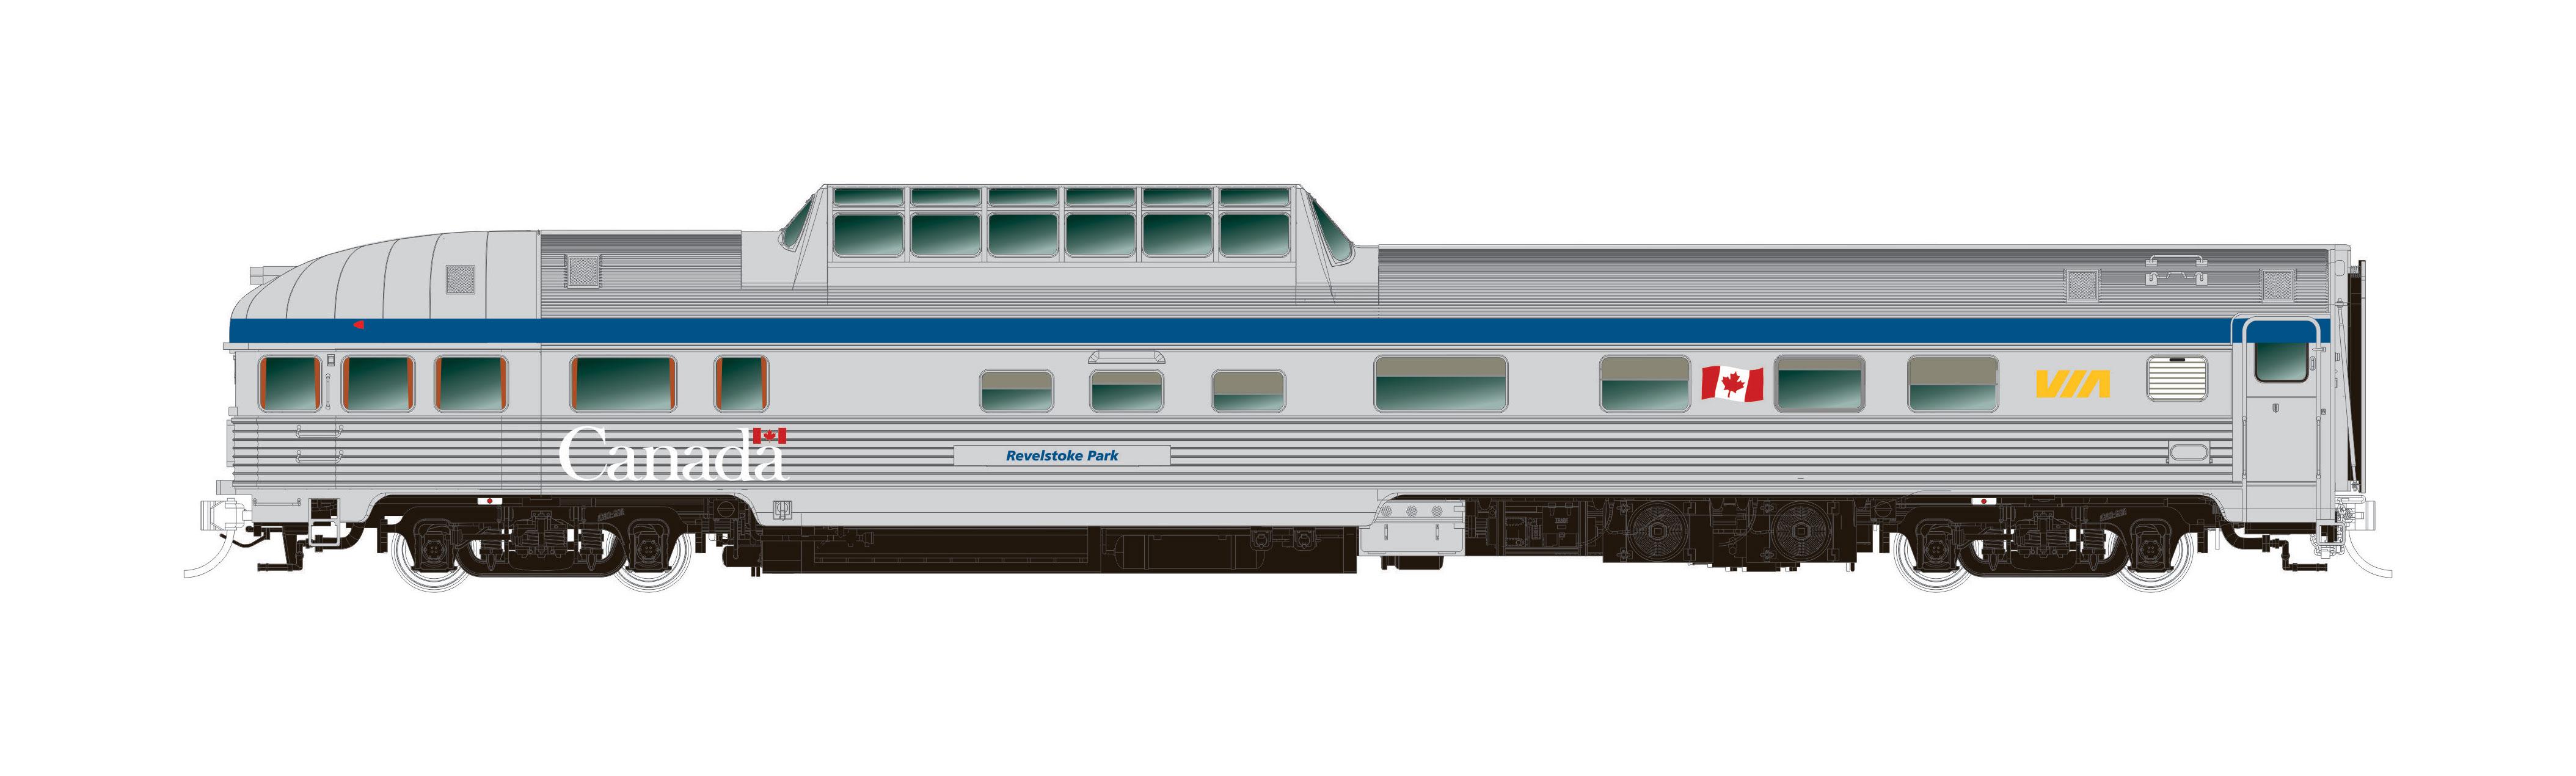 N Scale - Rapido Trains - 550006 - Passenger - Via Rail Canada - 10-pack